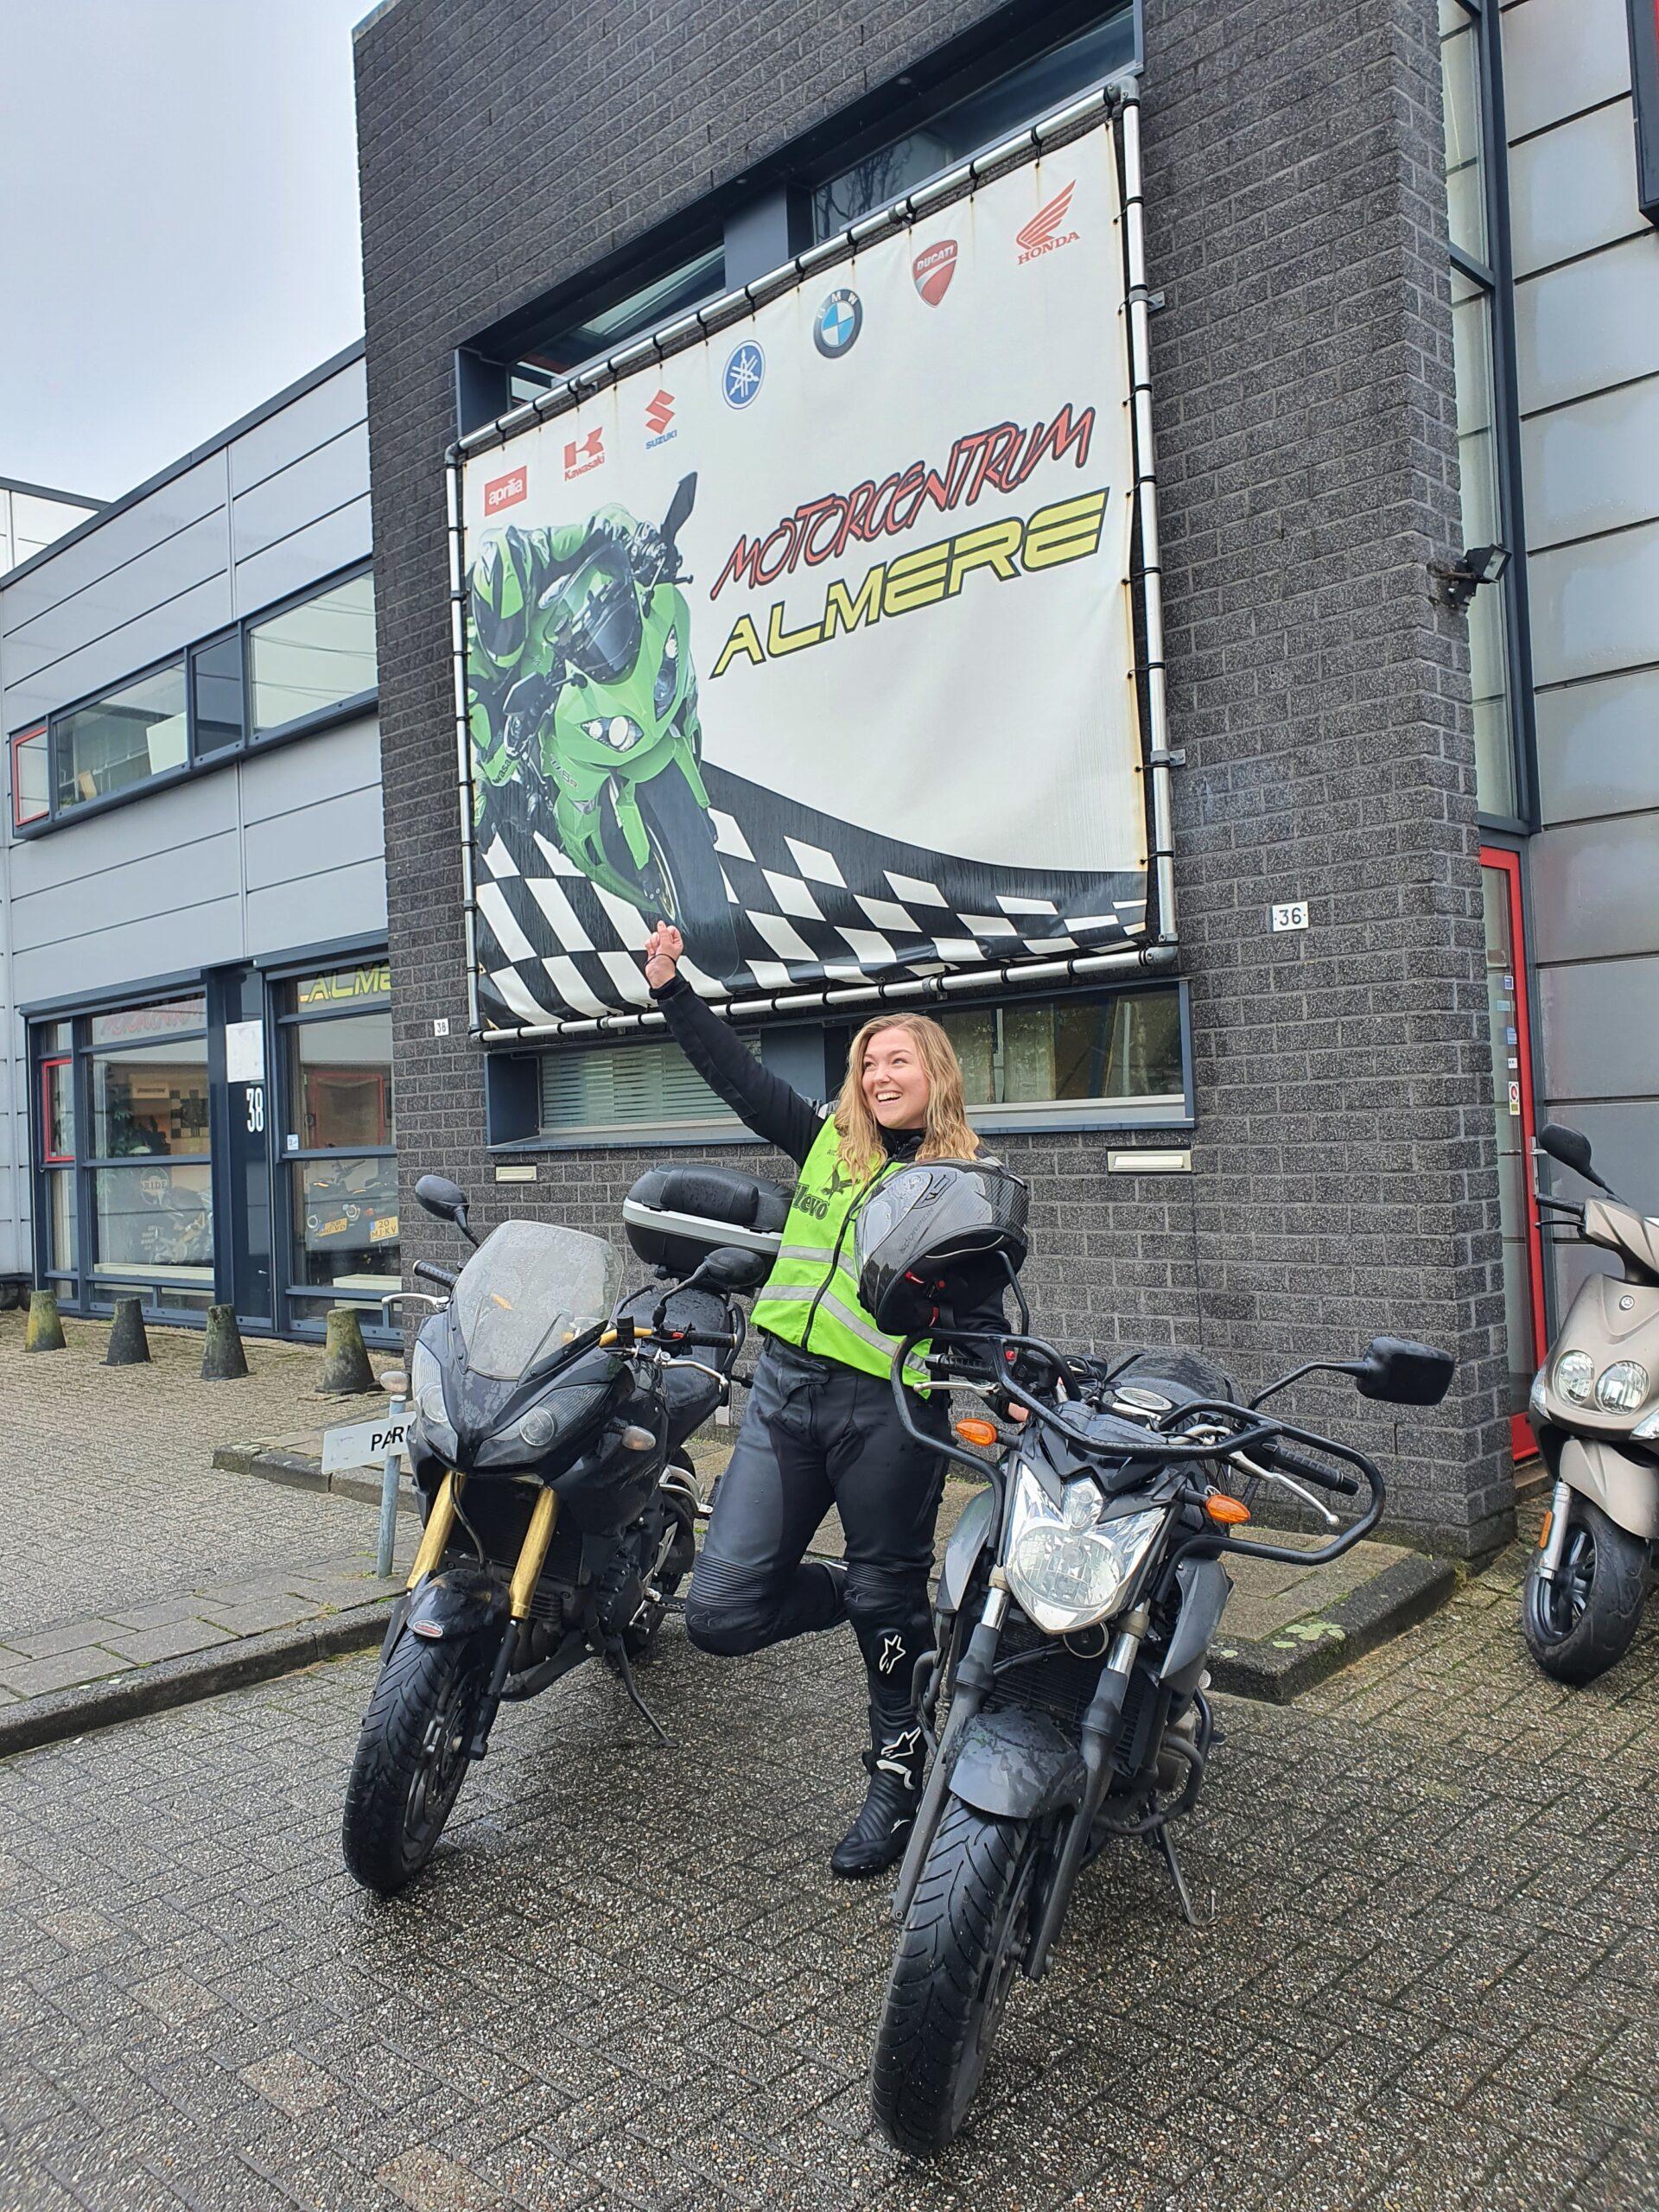 Bianca ook bij FlevoMotor in een keer geslaagd voor haar motorrijbewijs. A code 80 na 2 jaar of als ze eerder 24 is valt de code eraf.